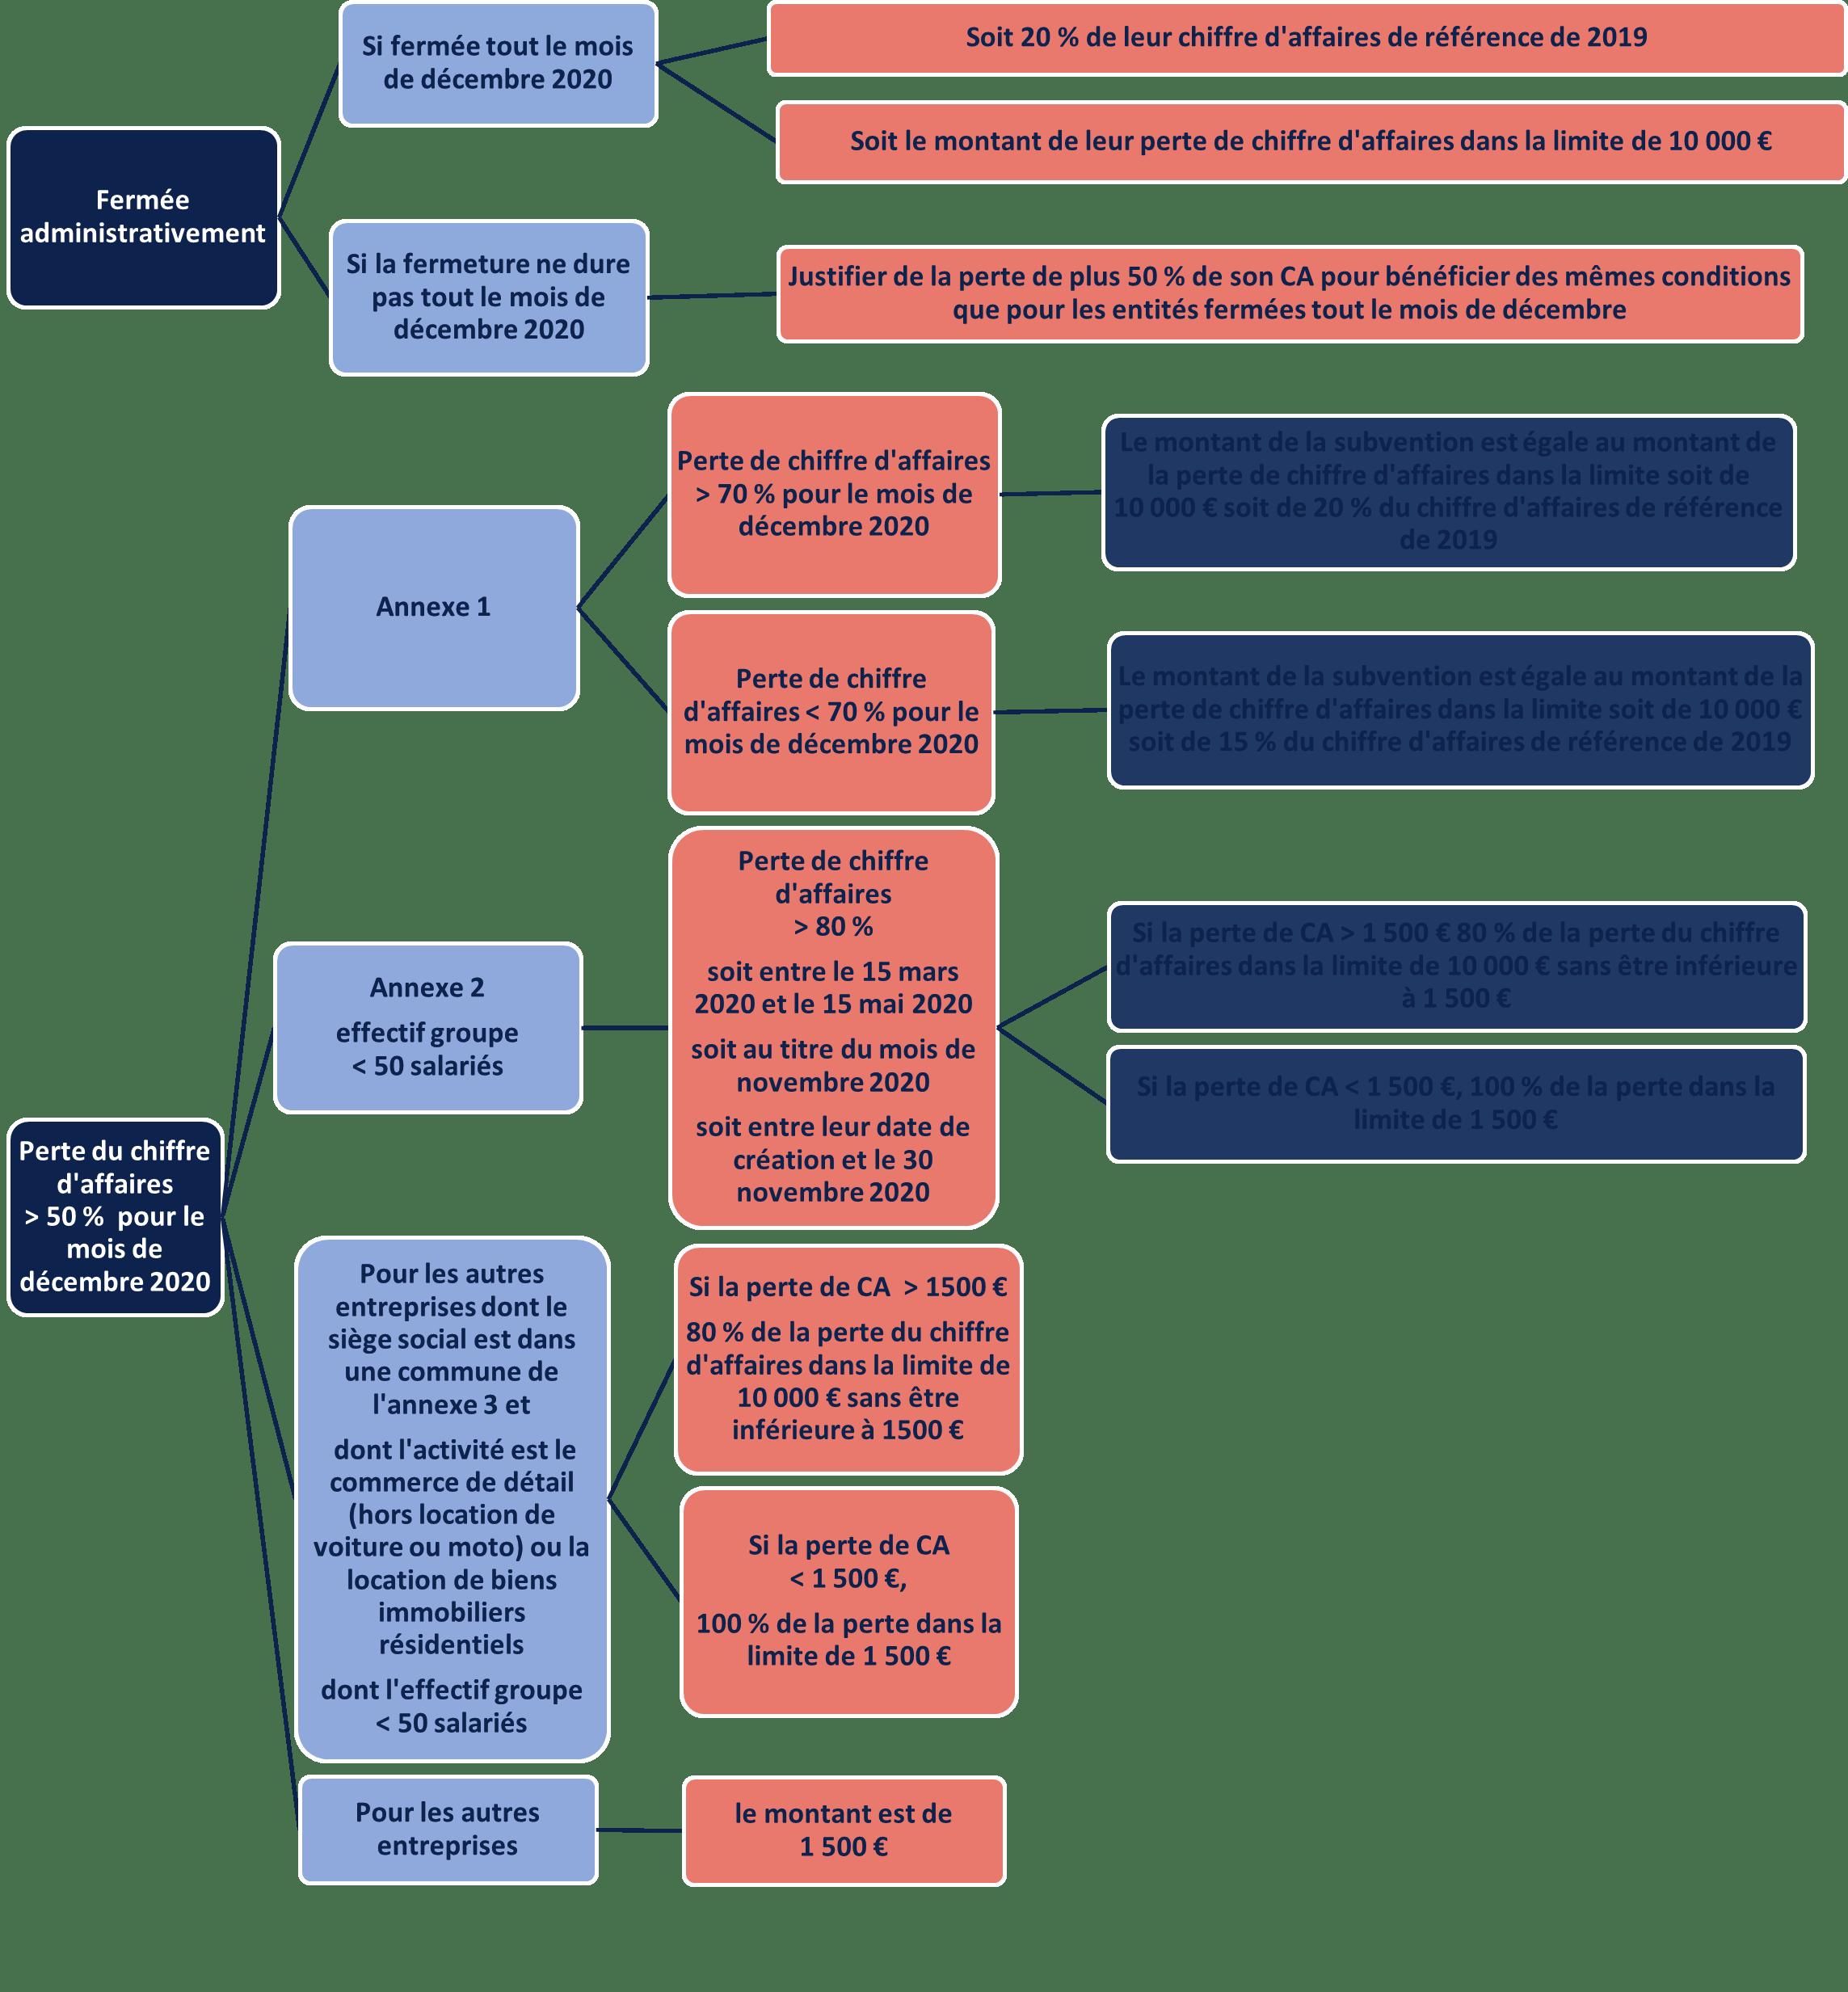 FONDS DE SOLIDARITÉ 1ER VOLET – SYNTHÈSE DES CAS AU TITRE DE L'ARTICLE 3-15 ET 3-16